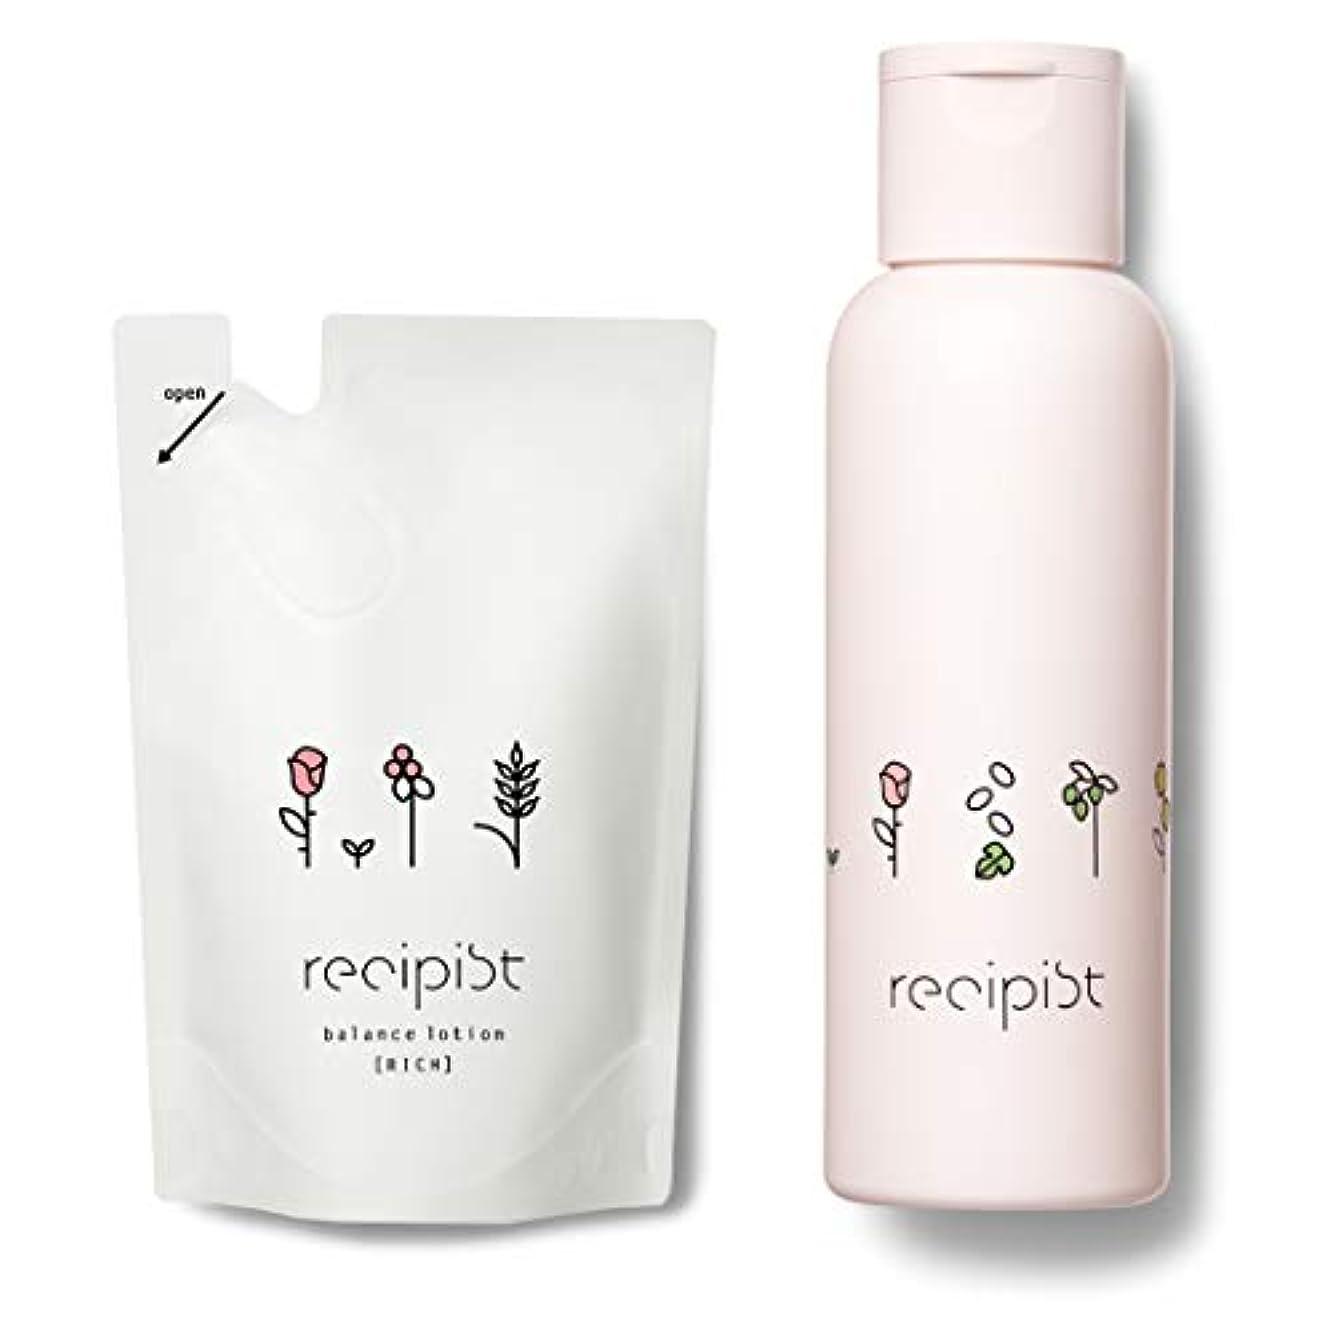 アラスカバーマド報復するレシピスト バランスととのう化粧水 リッチ (しっとり) 詰め替え用 180mL + 選べるボトル (ピンク) 自然由来成分